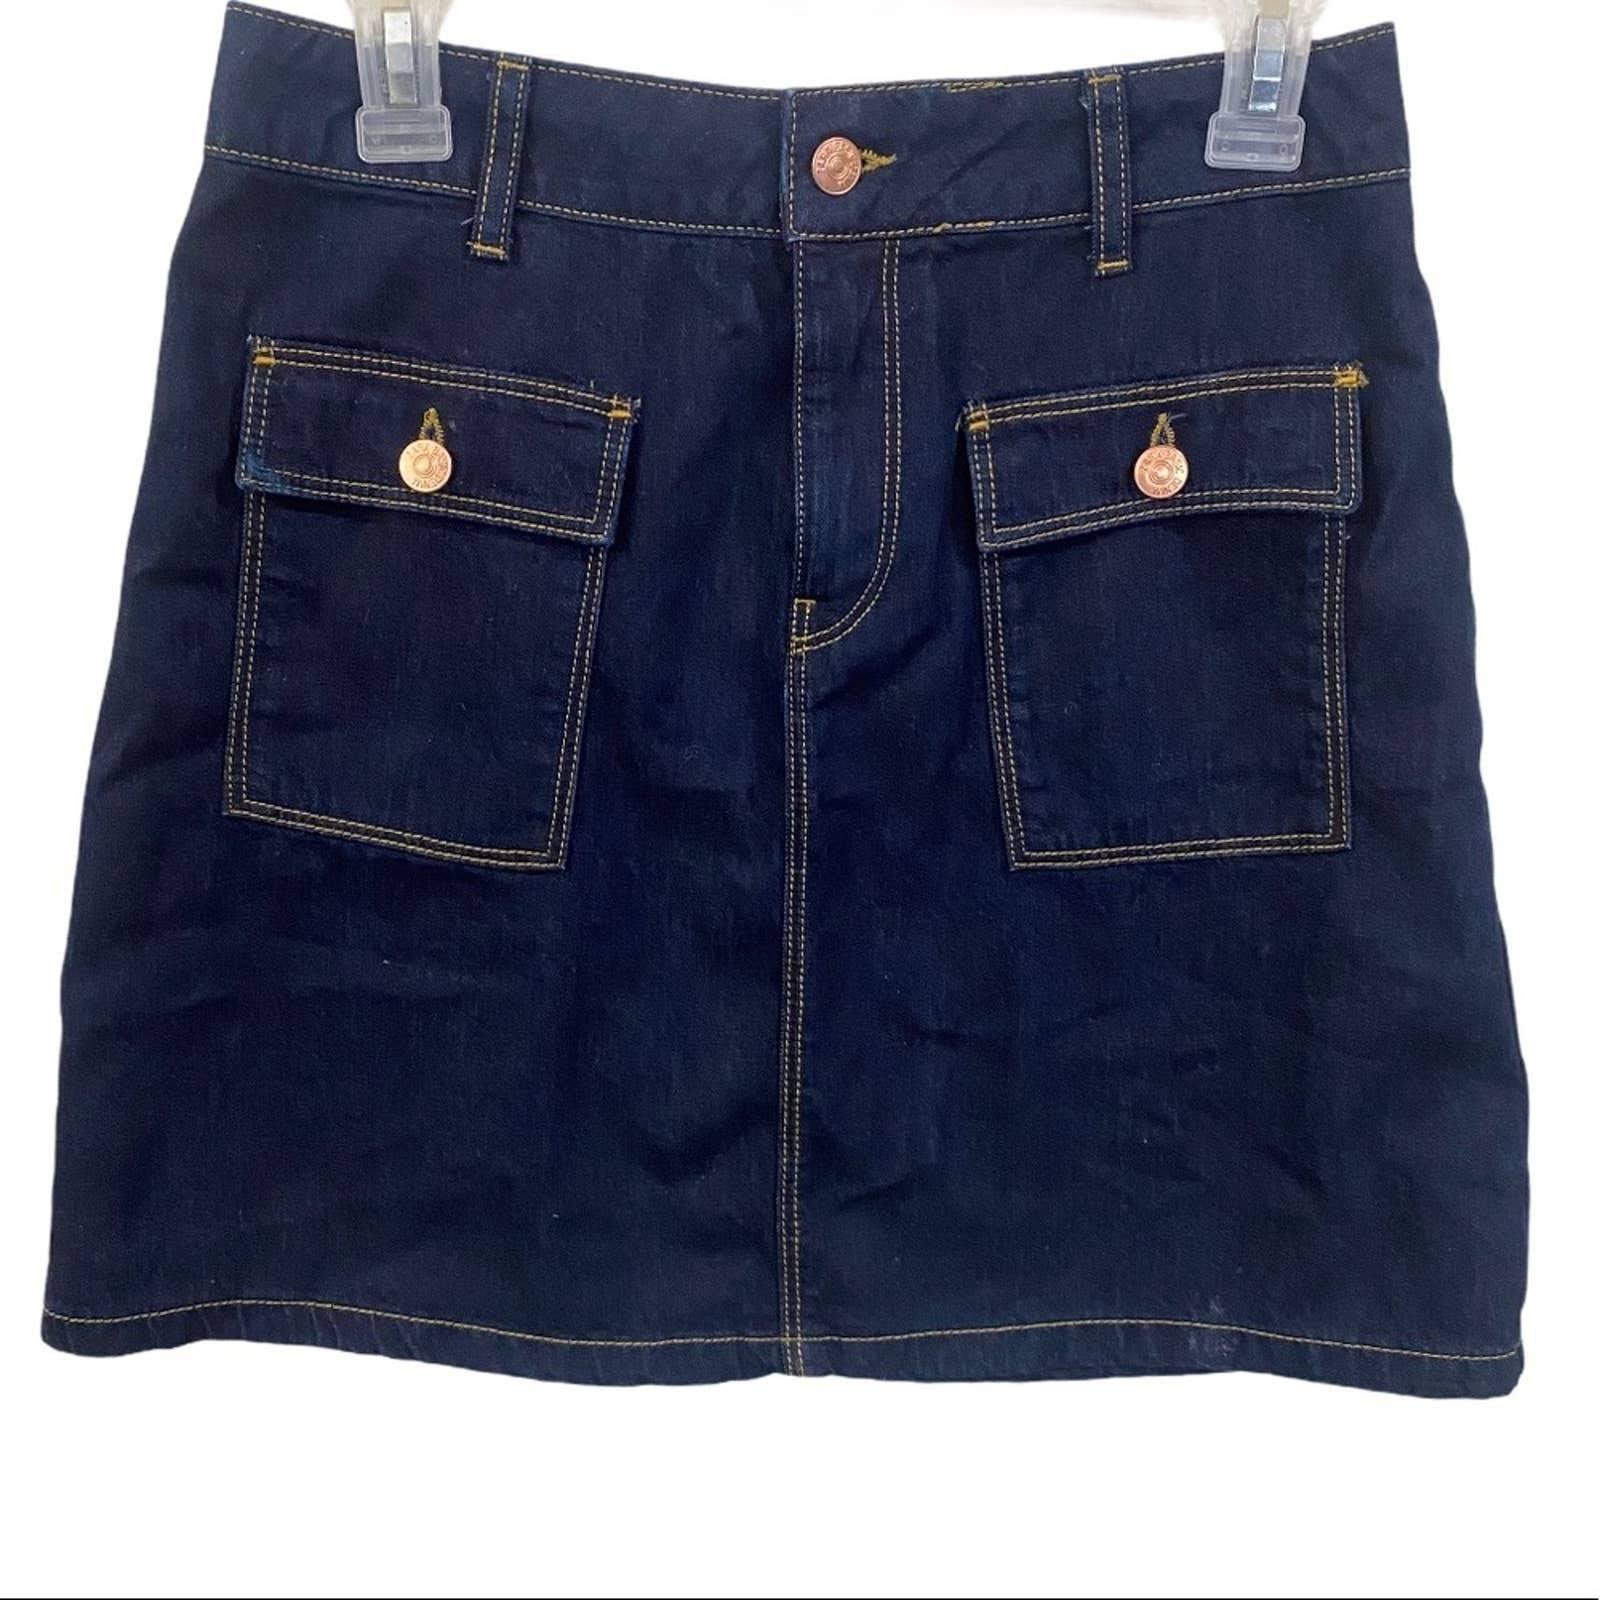 Zara pocket denim skirt size M